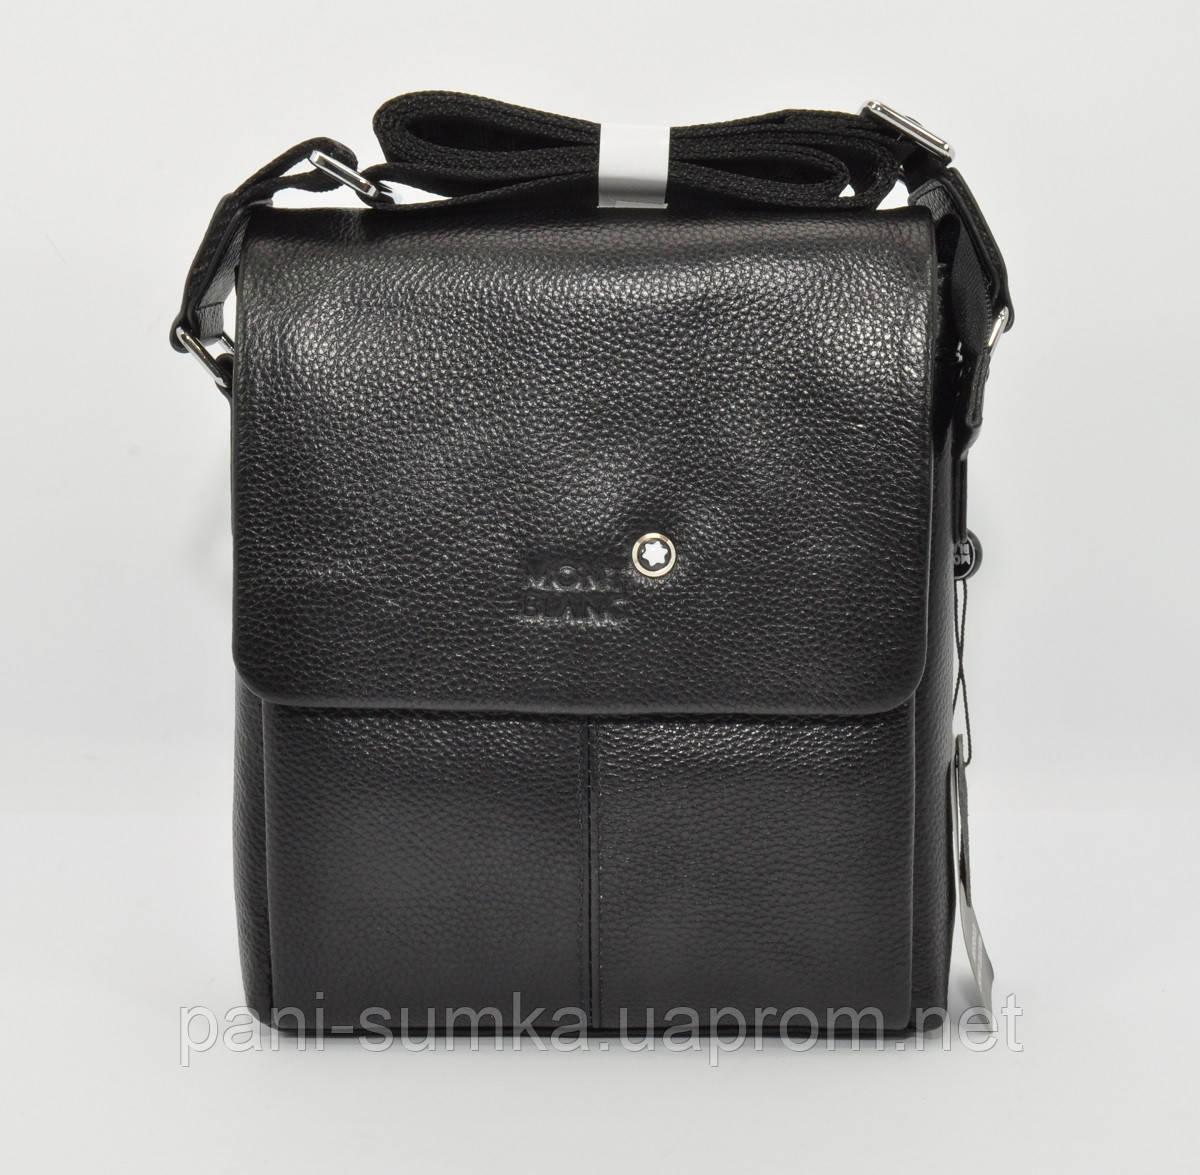 cf061dc4cb9f Мужская кожаная сумка Montblanc 9068-3 черная большая - Интернет магазин